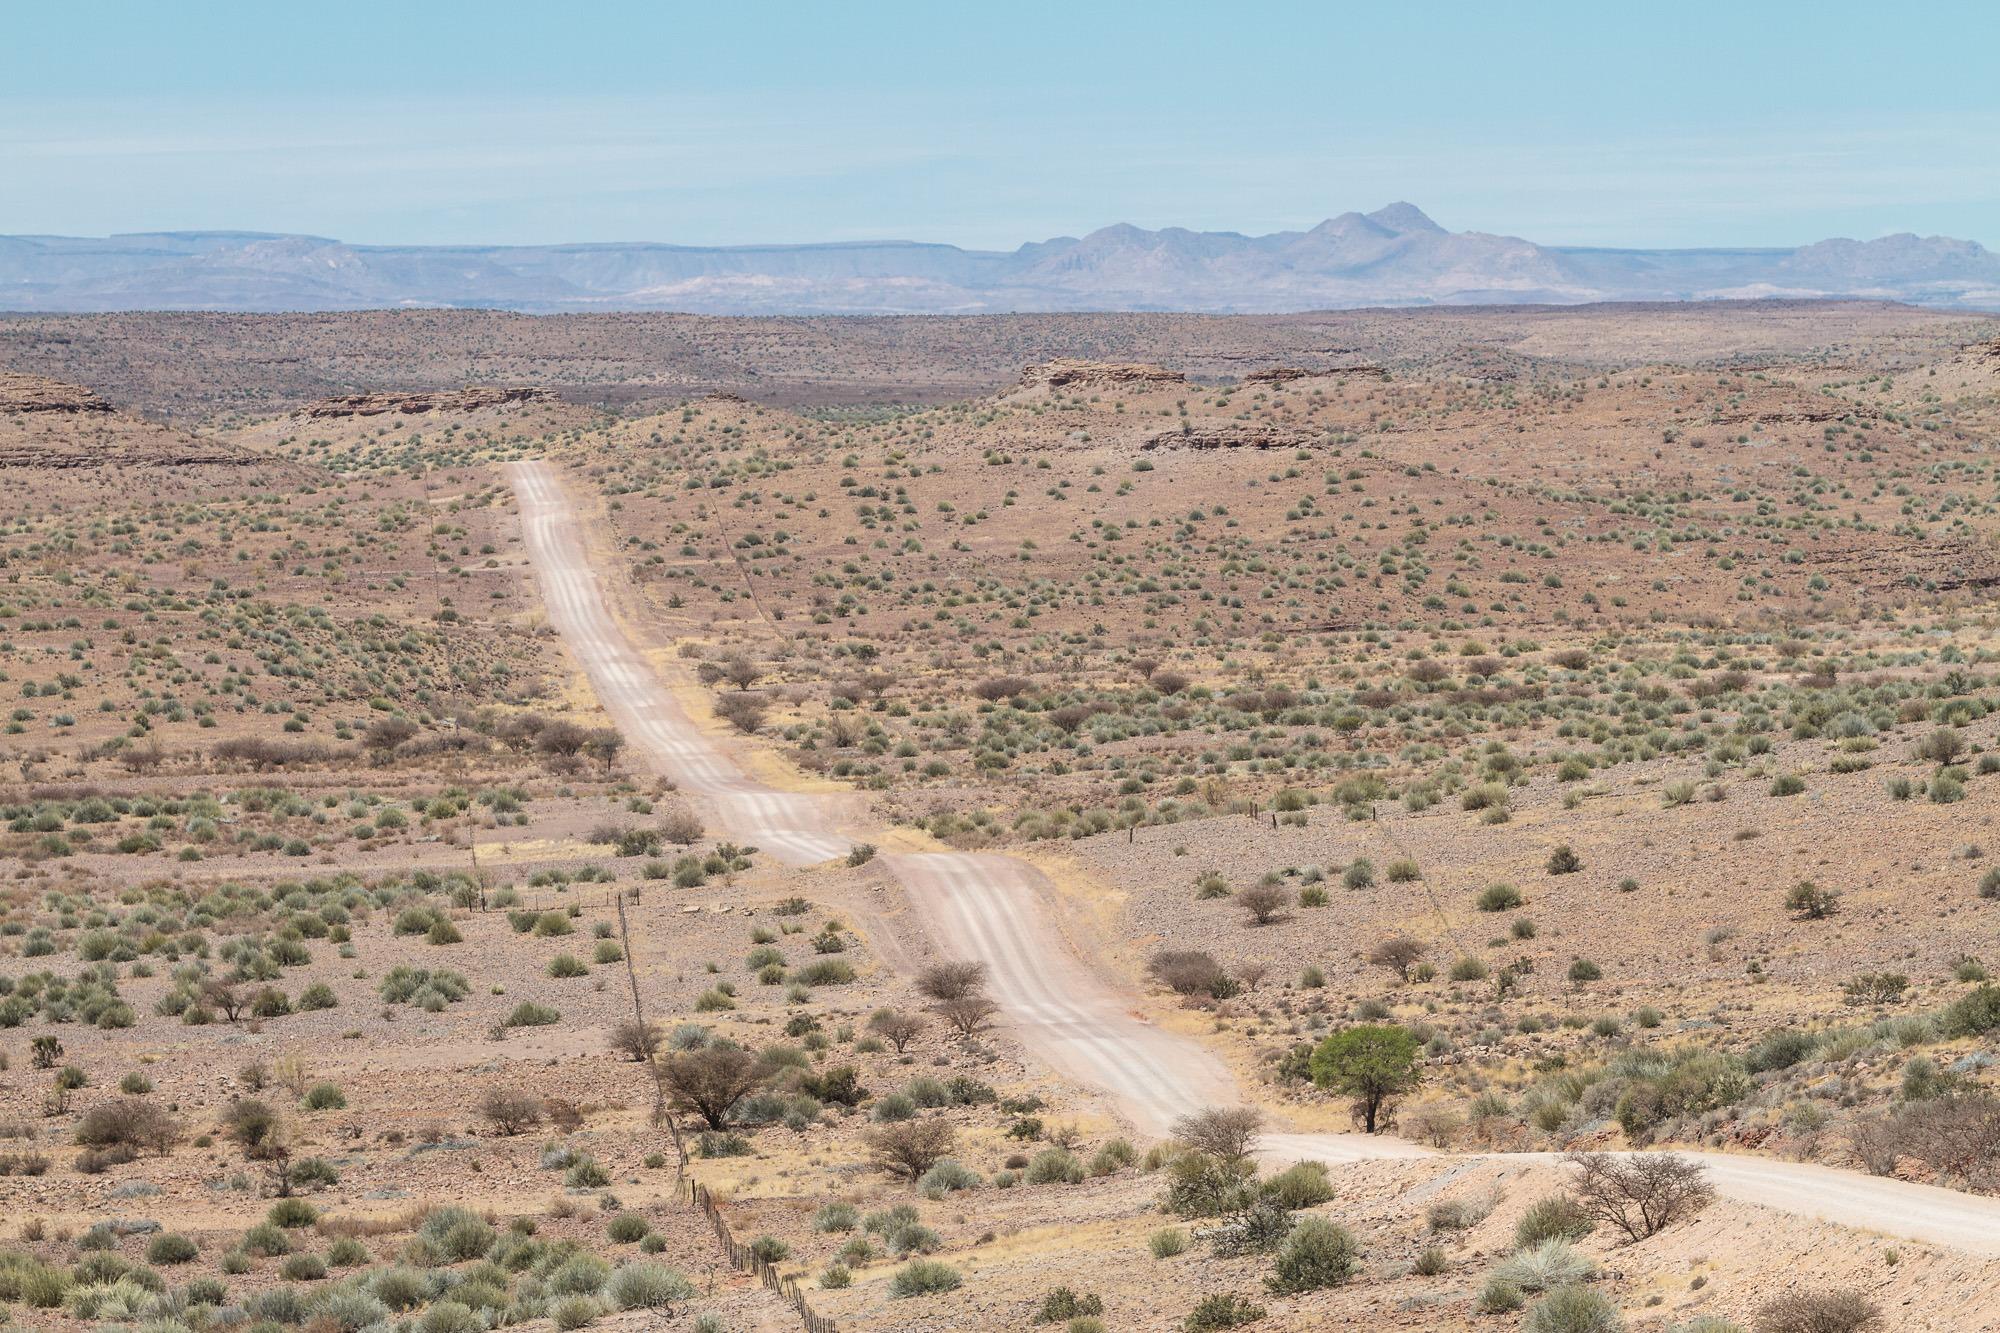 Gerade Staubpiste in einer Wüste in Namibia